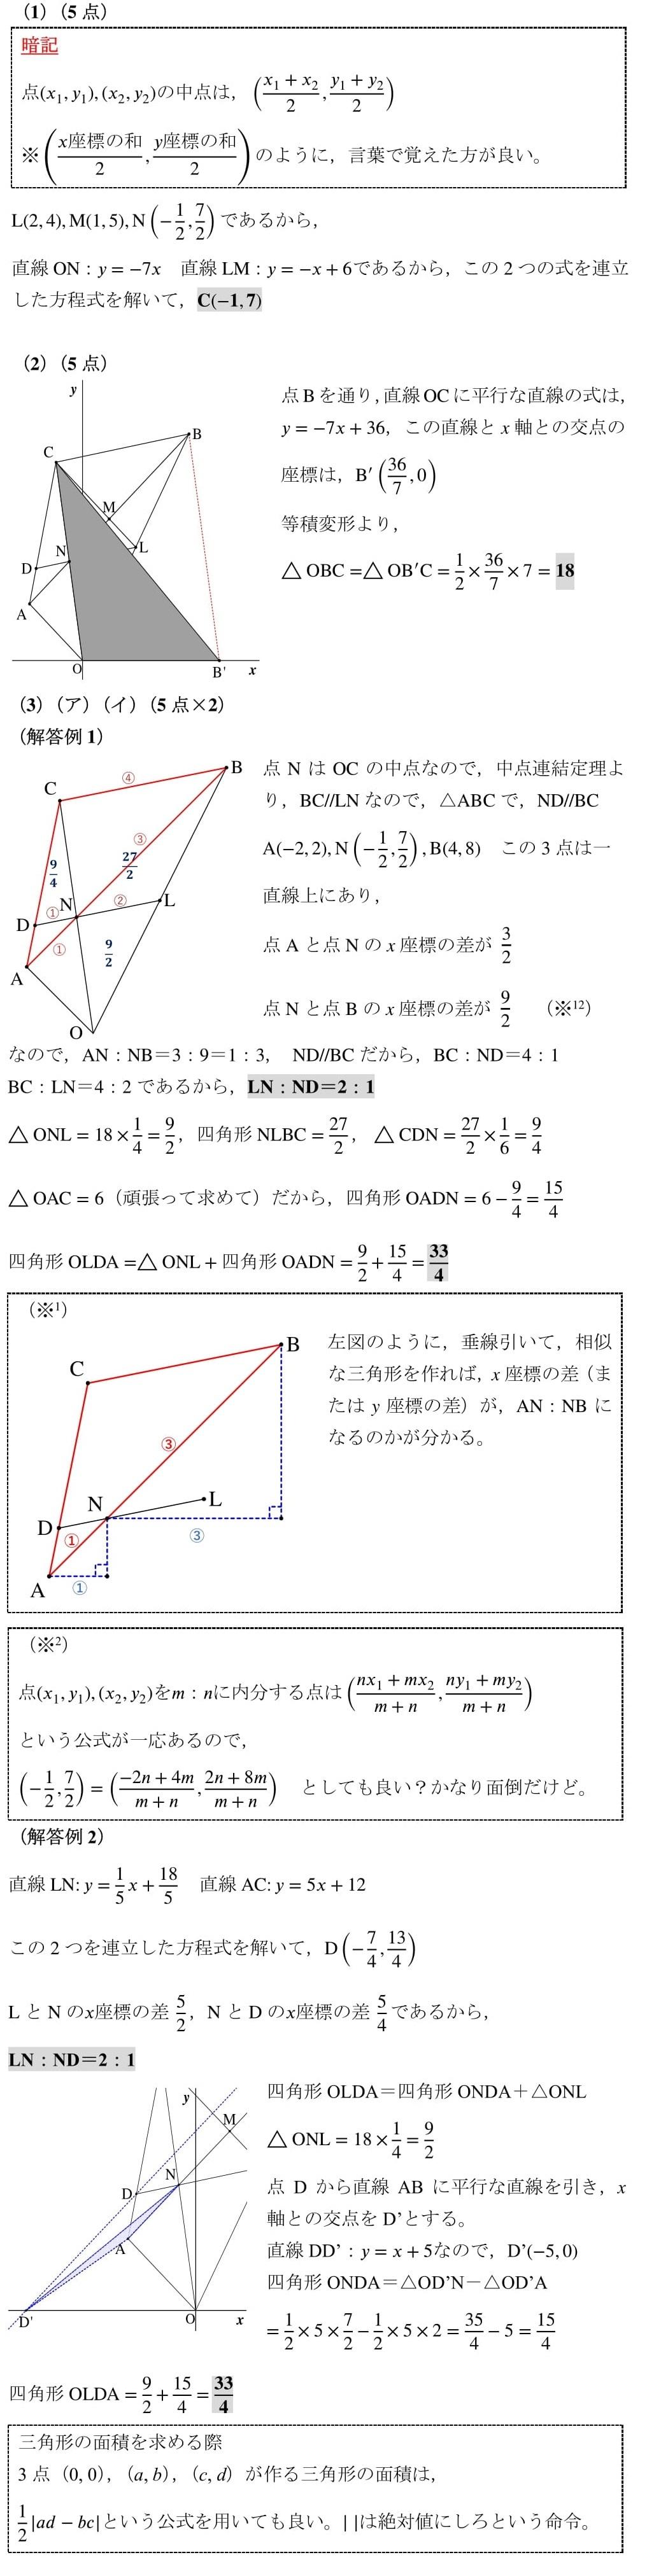 洛南 難関私立 高校入試 過去問 1次関数 図形 良問 難問 中点 比率 解答 解説